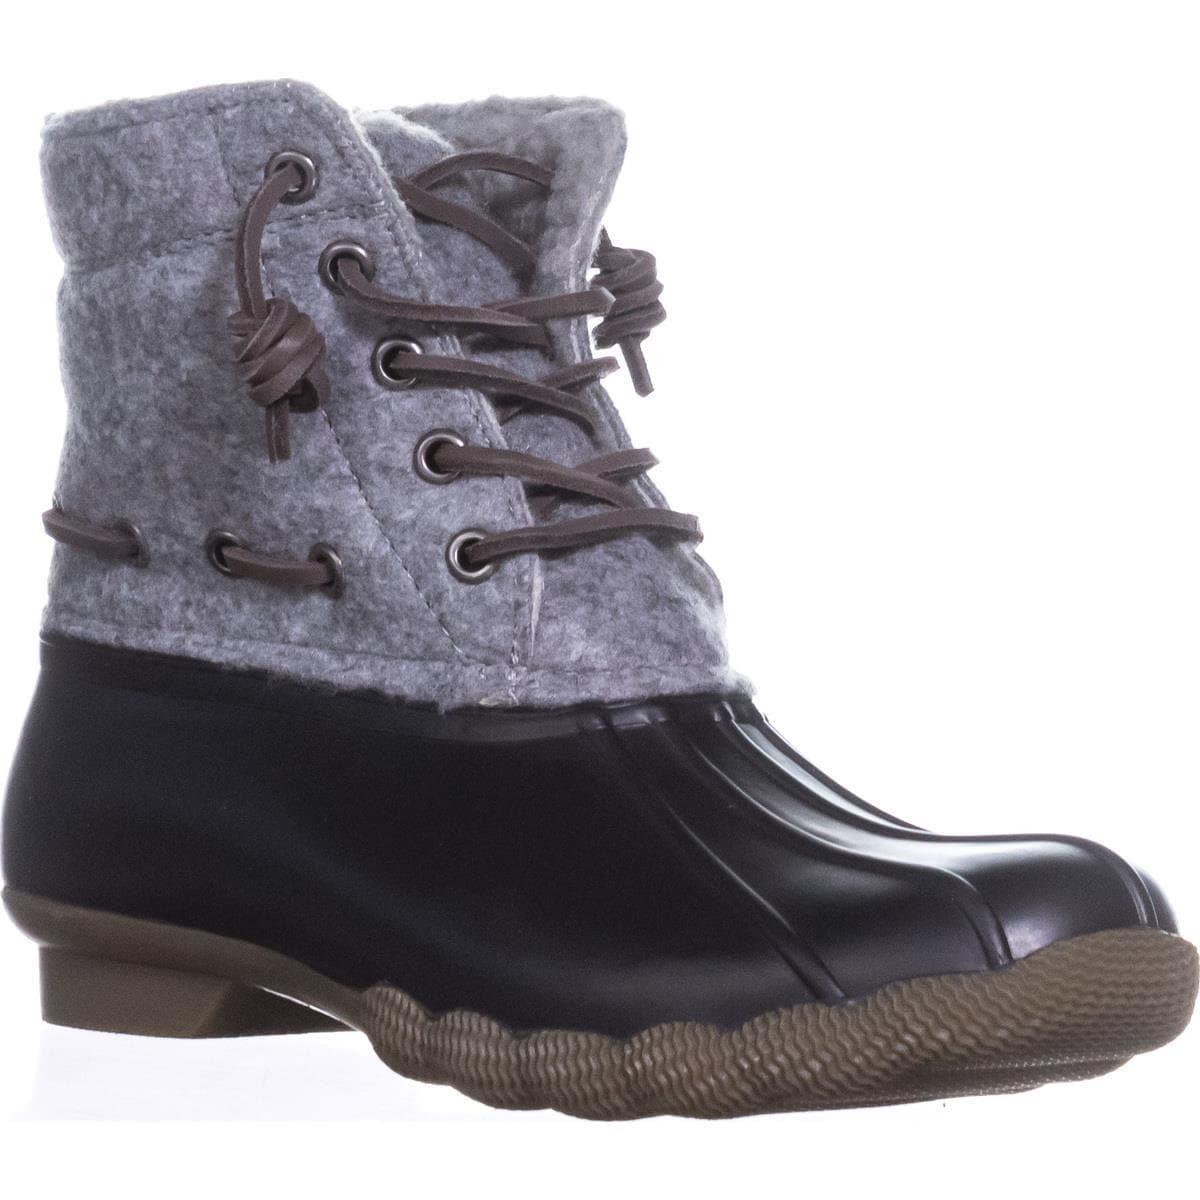 e41324a8520 Shop Steve Madden Torrent Short Rain Boots